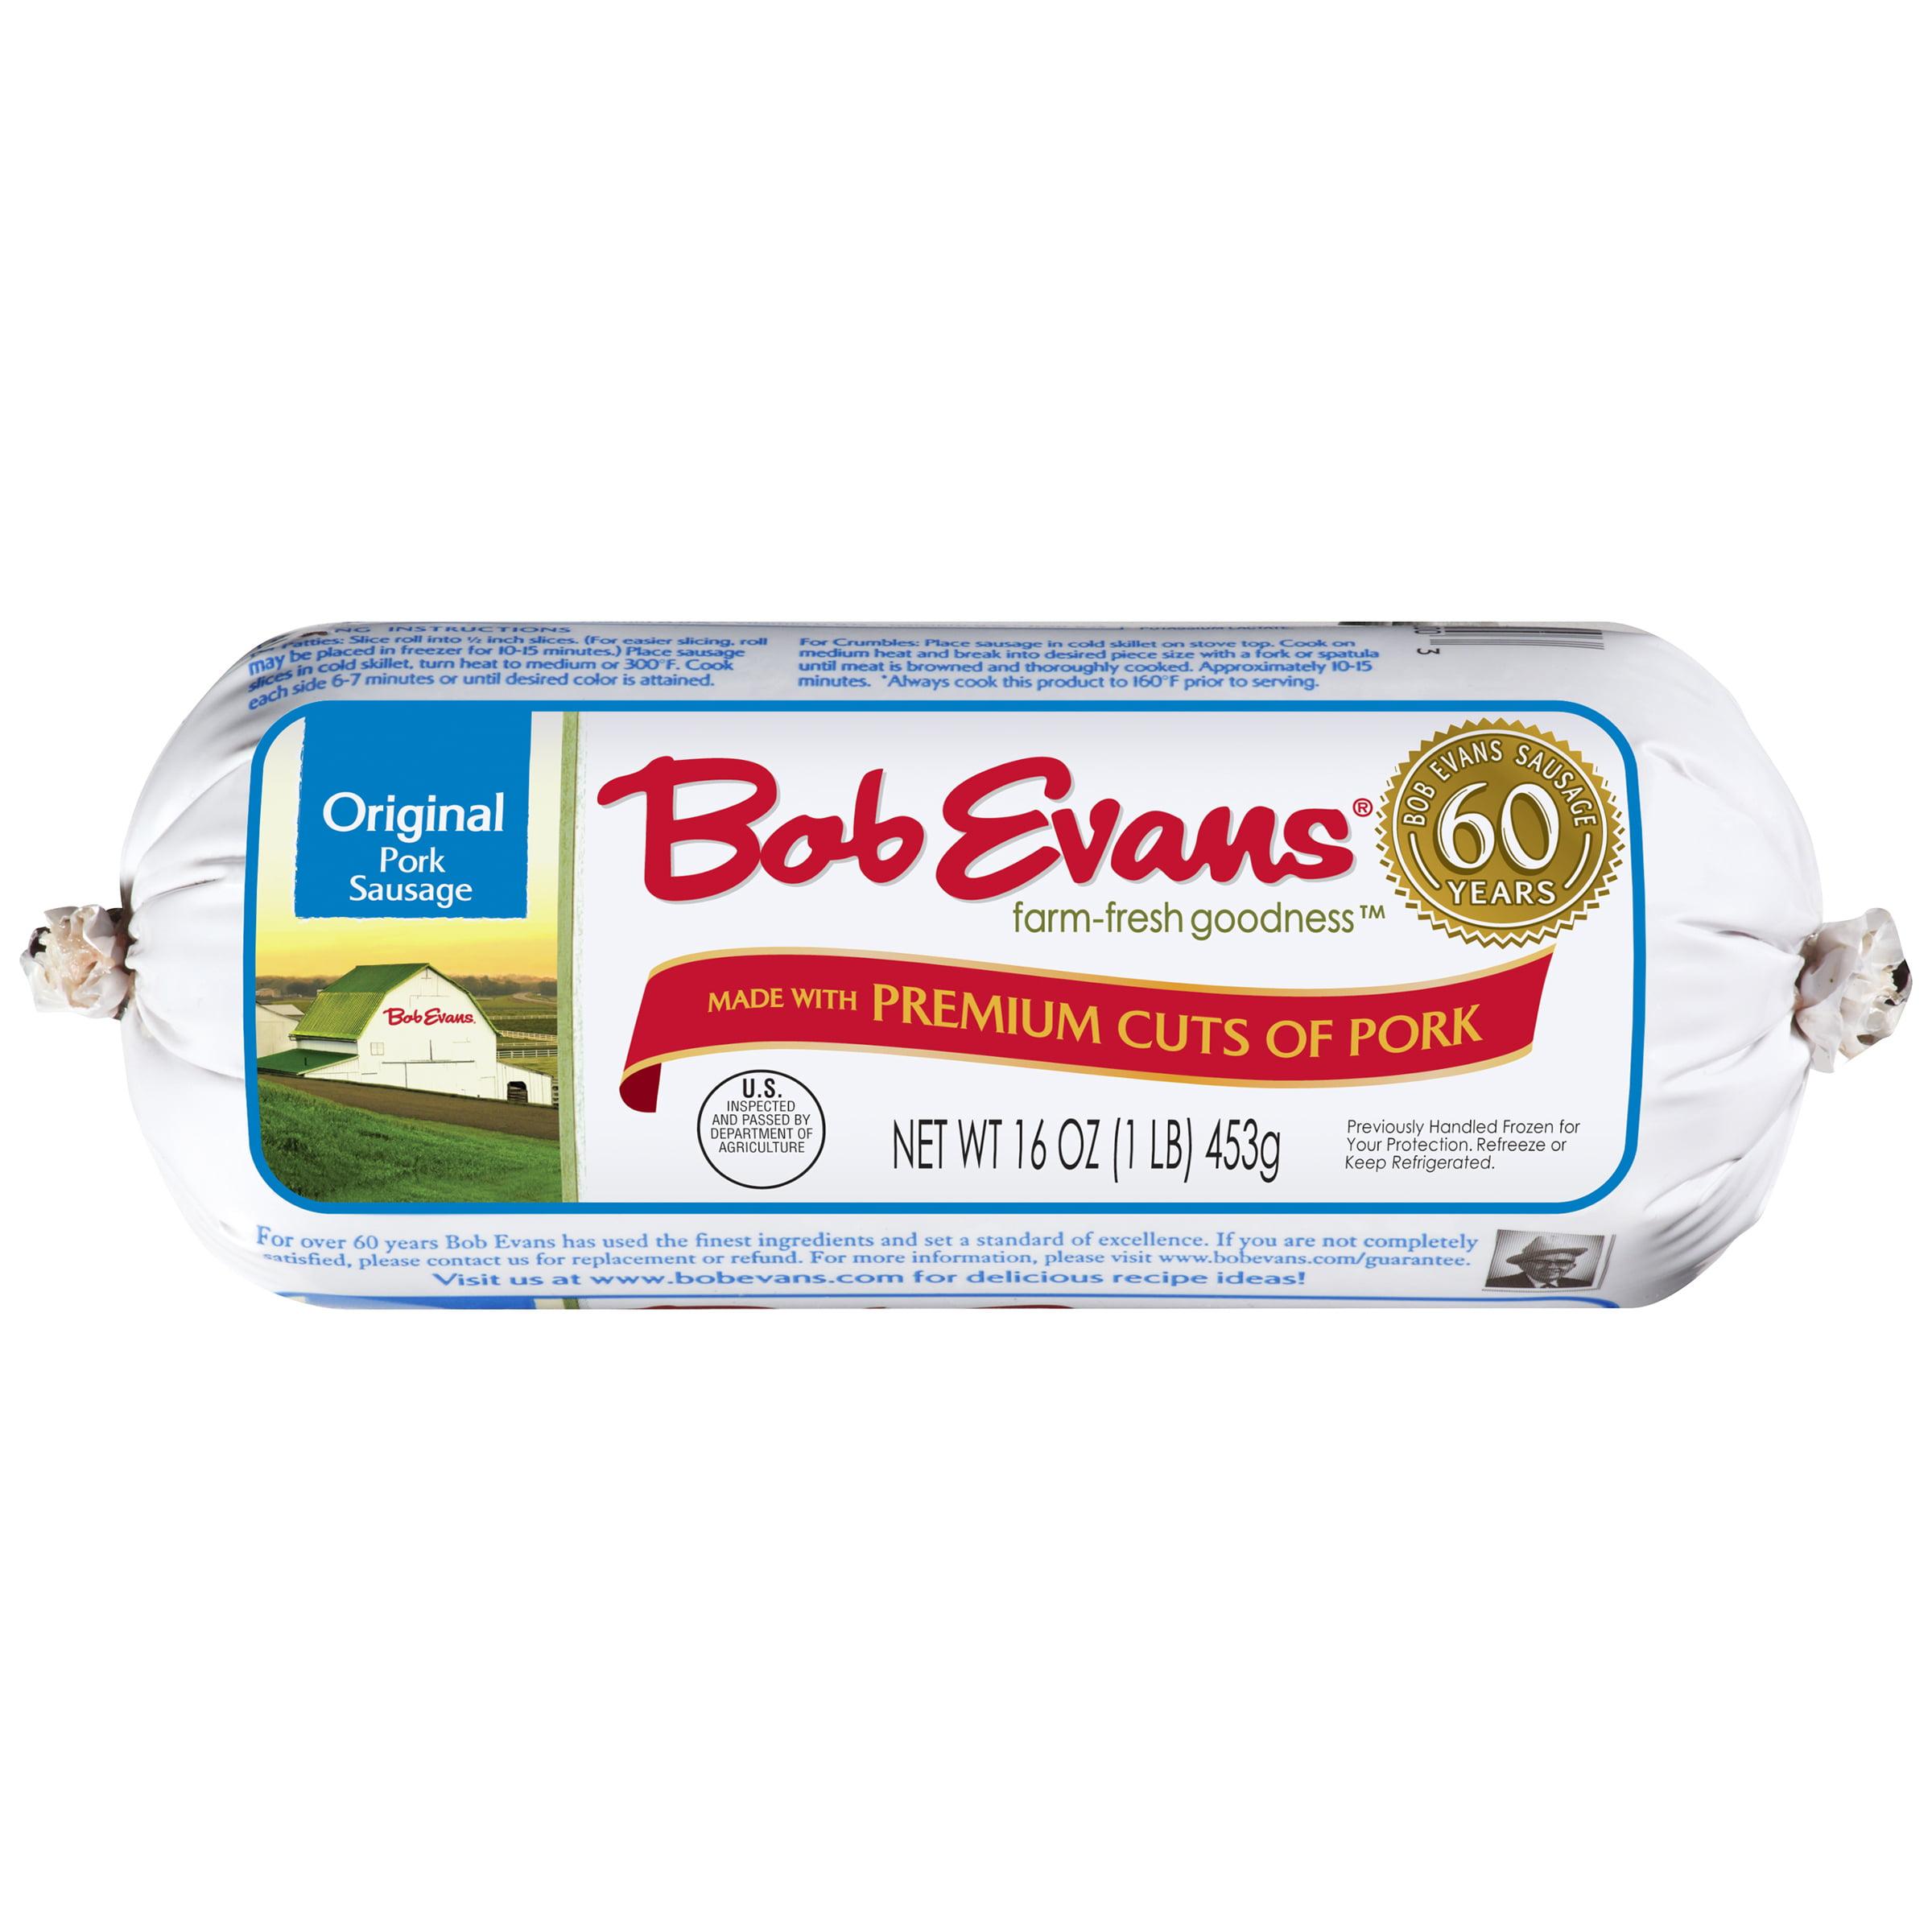 Bob Evans® Original Pork Sausage 16 oz. Chub - Walmart.com